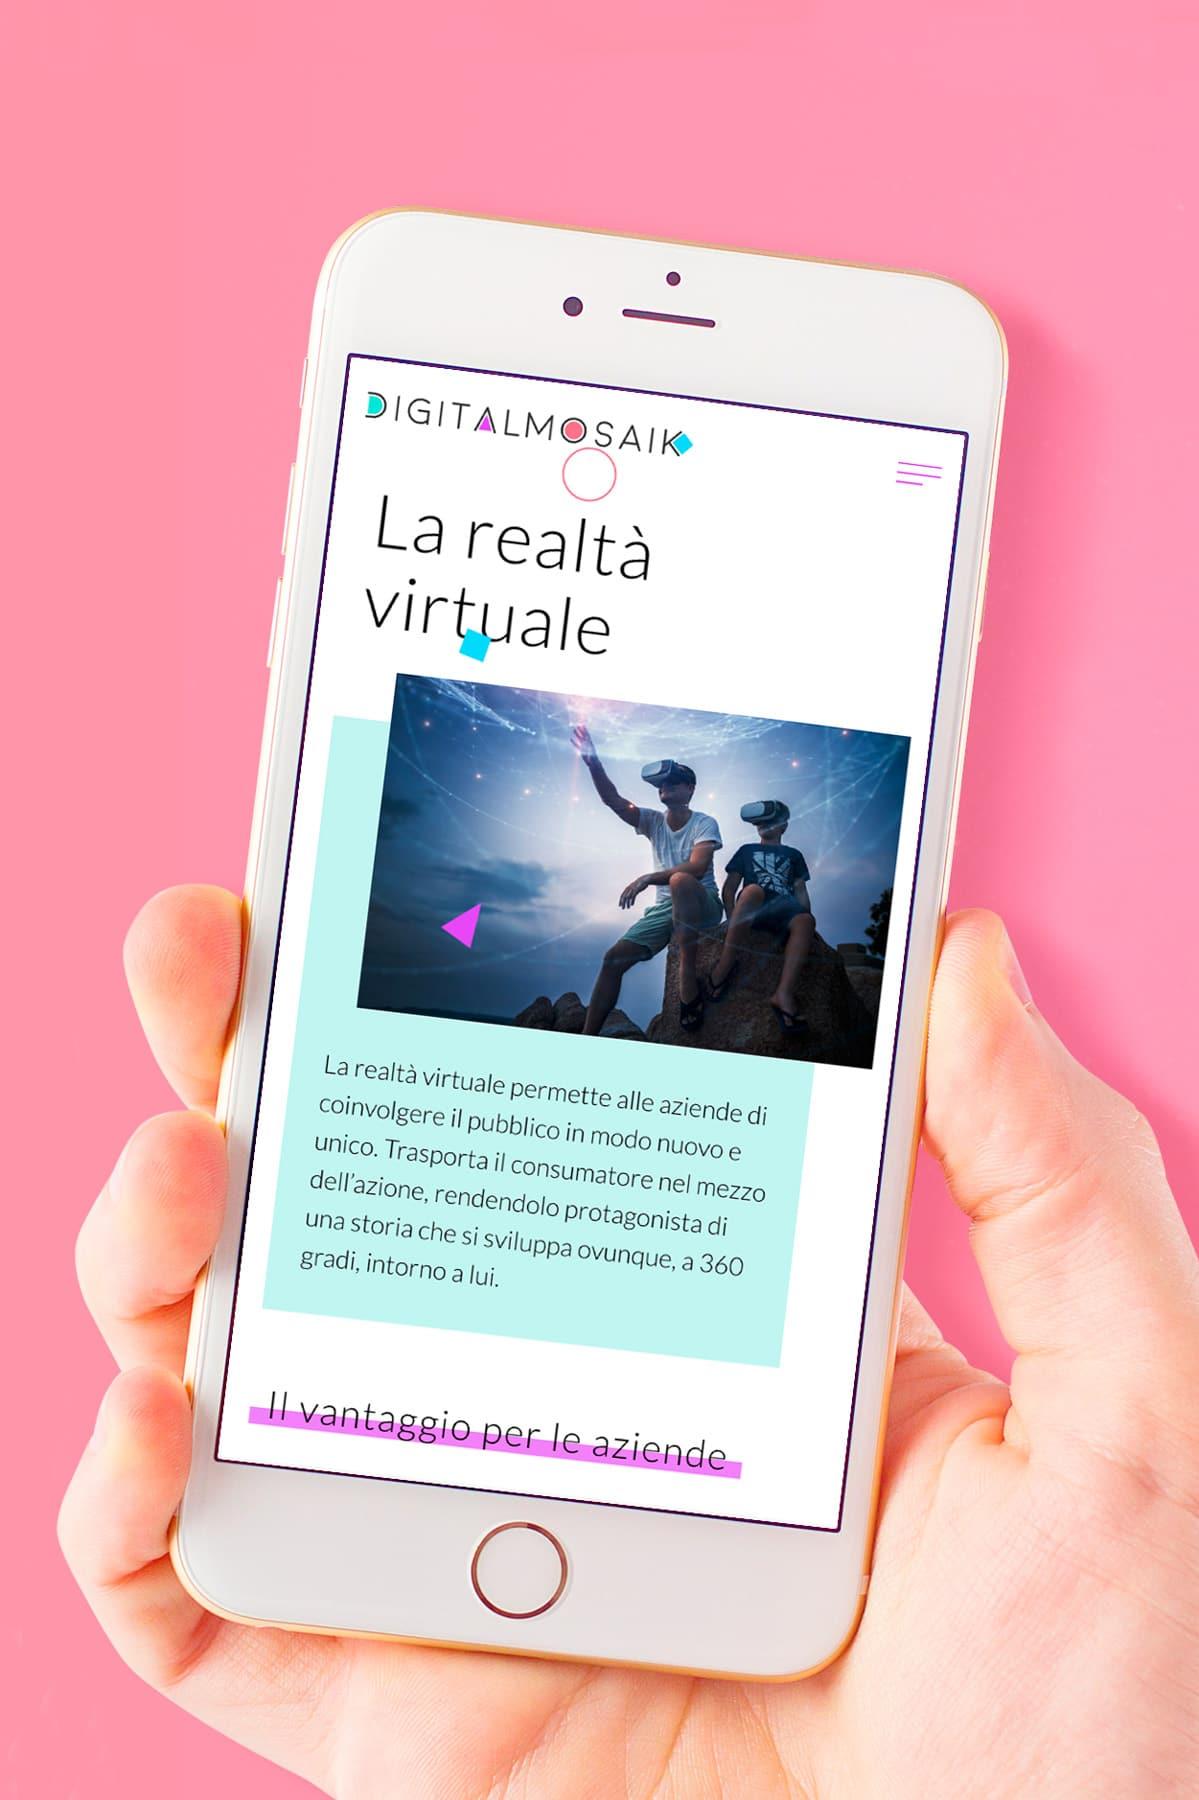 digitalmosaik_mobile2-3